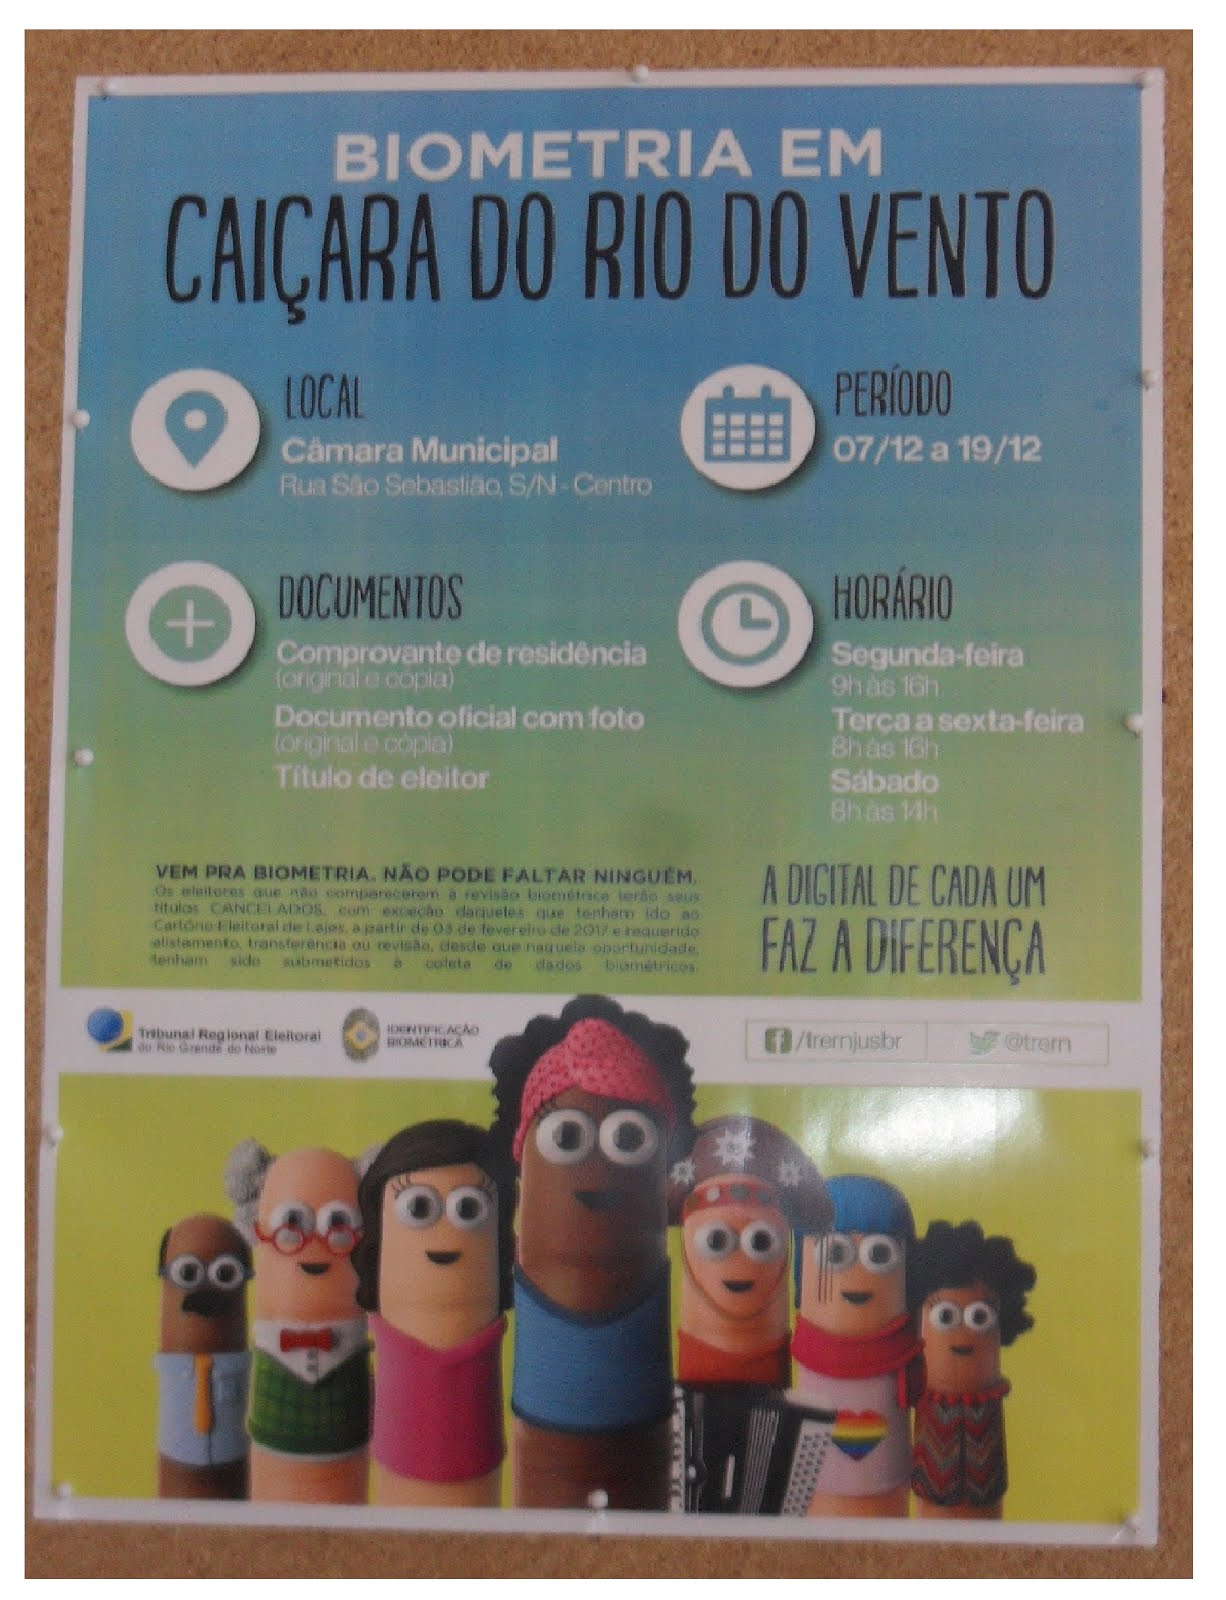 BIOMÉTRIA EM CAIÇARA DO RIO DO VENTO